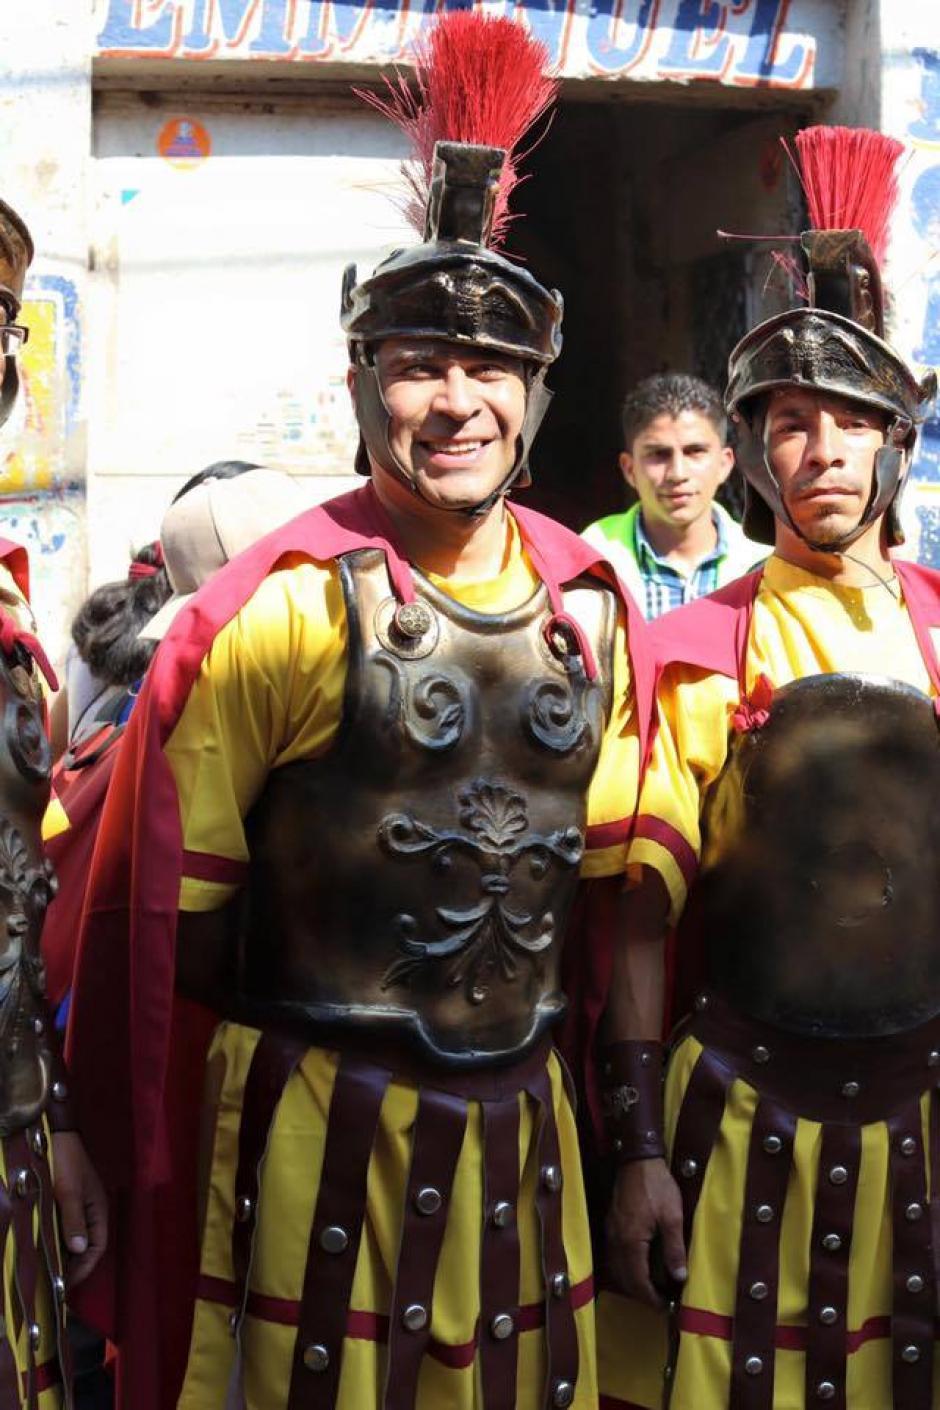 Neto Bran luce un traje de romano durante la Semana Santa. (Foto: Facebook/Neto Bran)